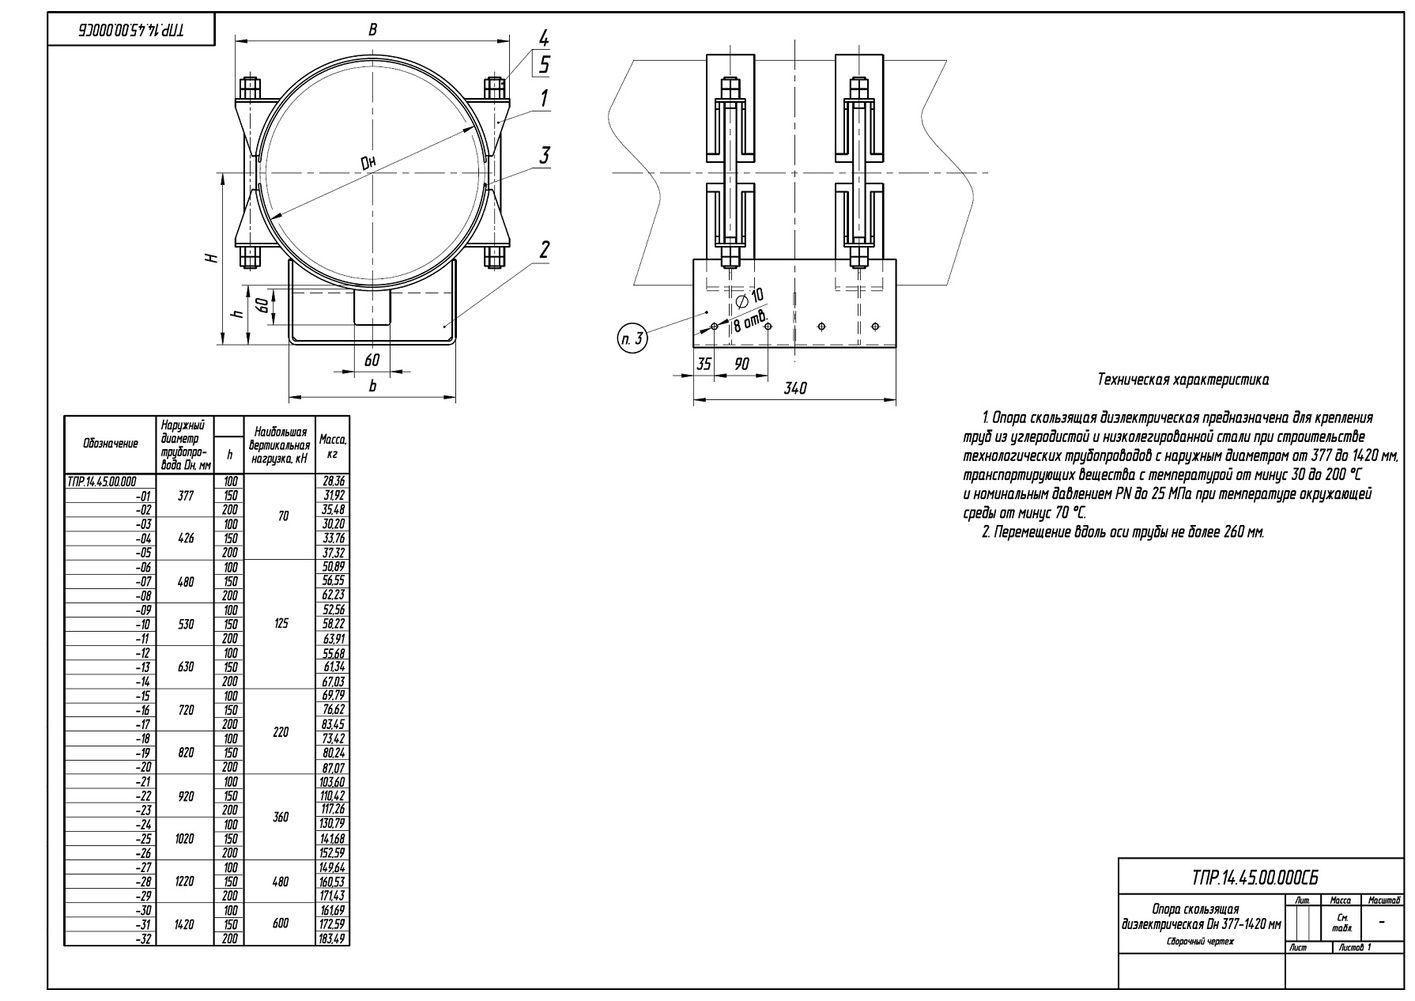 ТПР.14.45.00.000 Опоры скользящие диэлектрические трубопроводов Дн 377-1420 мм